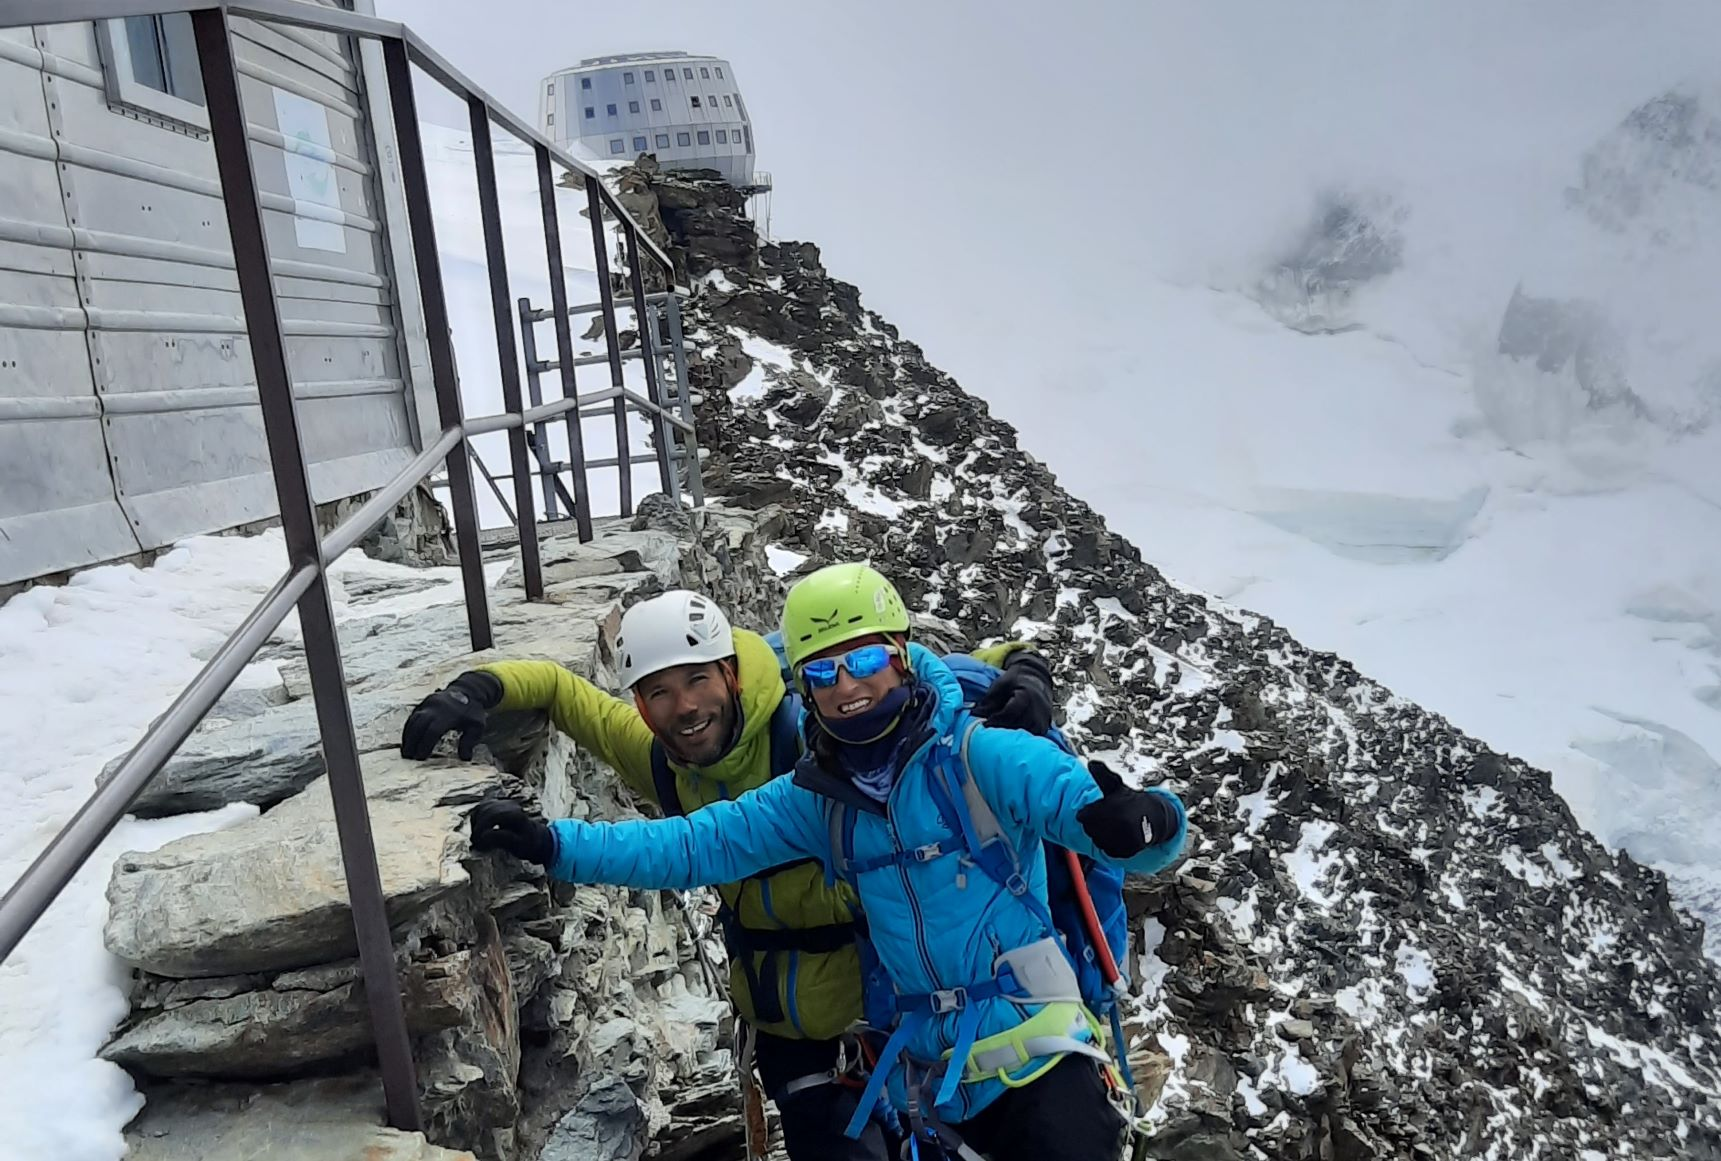 Alpes: Aiguille du Tour-Mont Blanc de Tacul-Mont Blanc (4810 m)